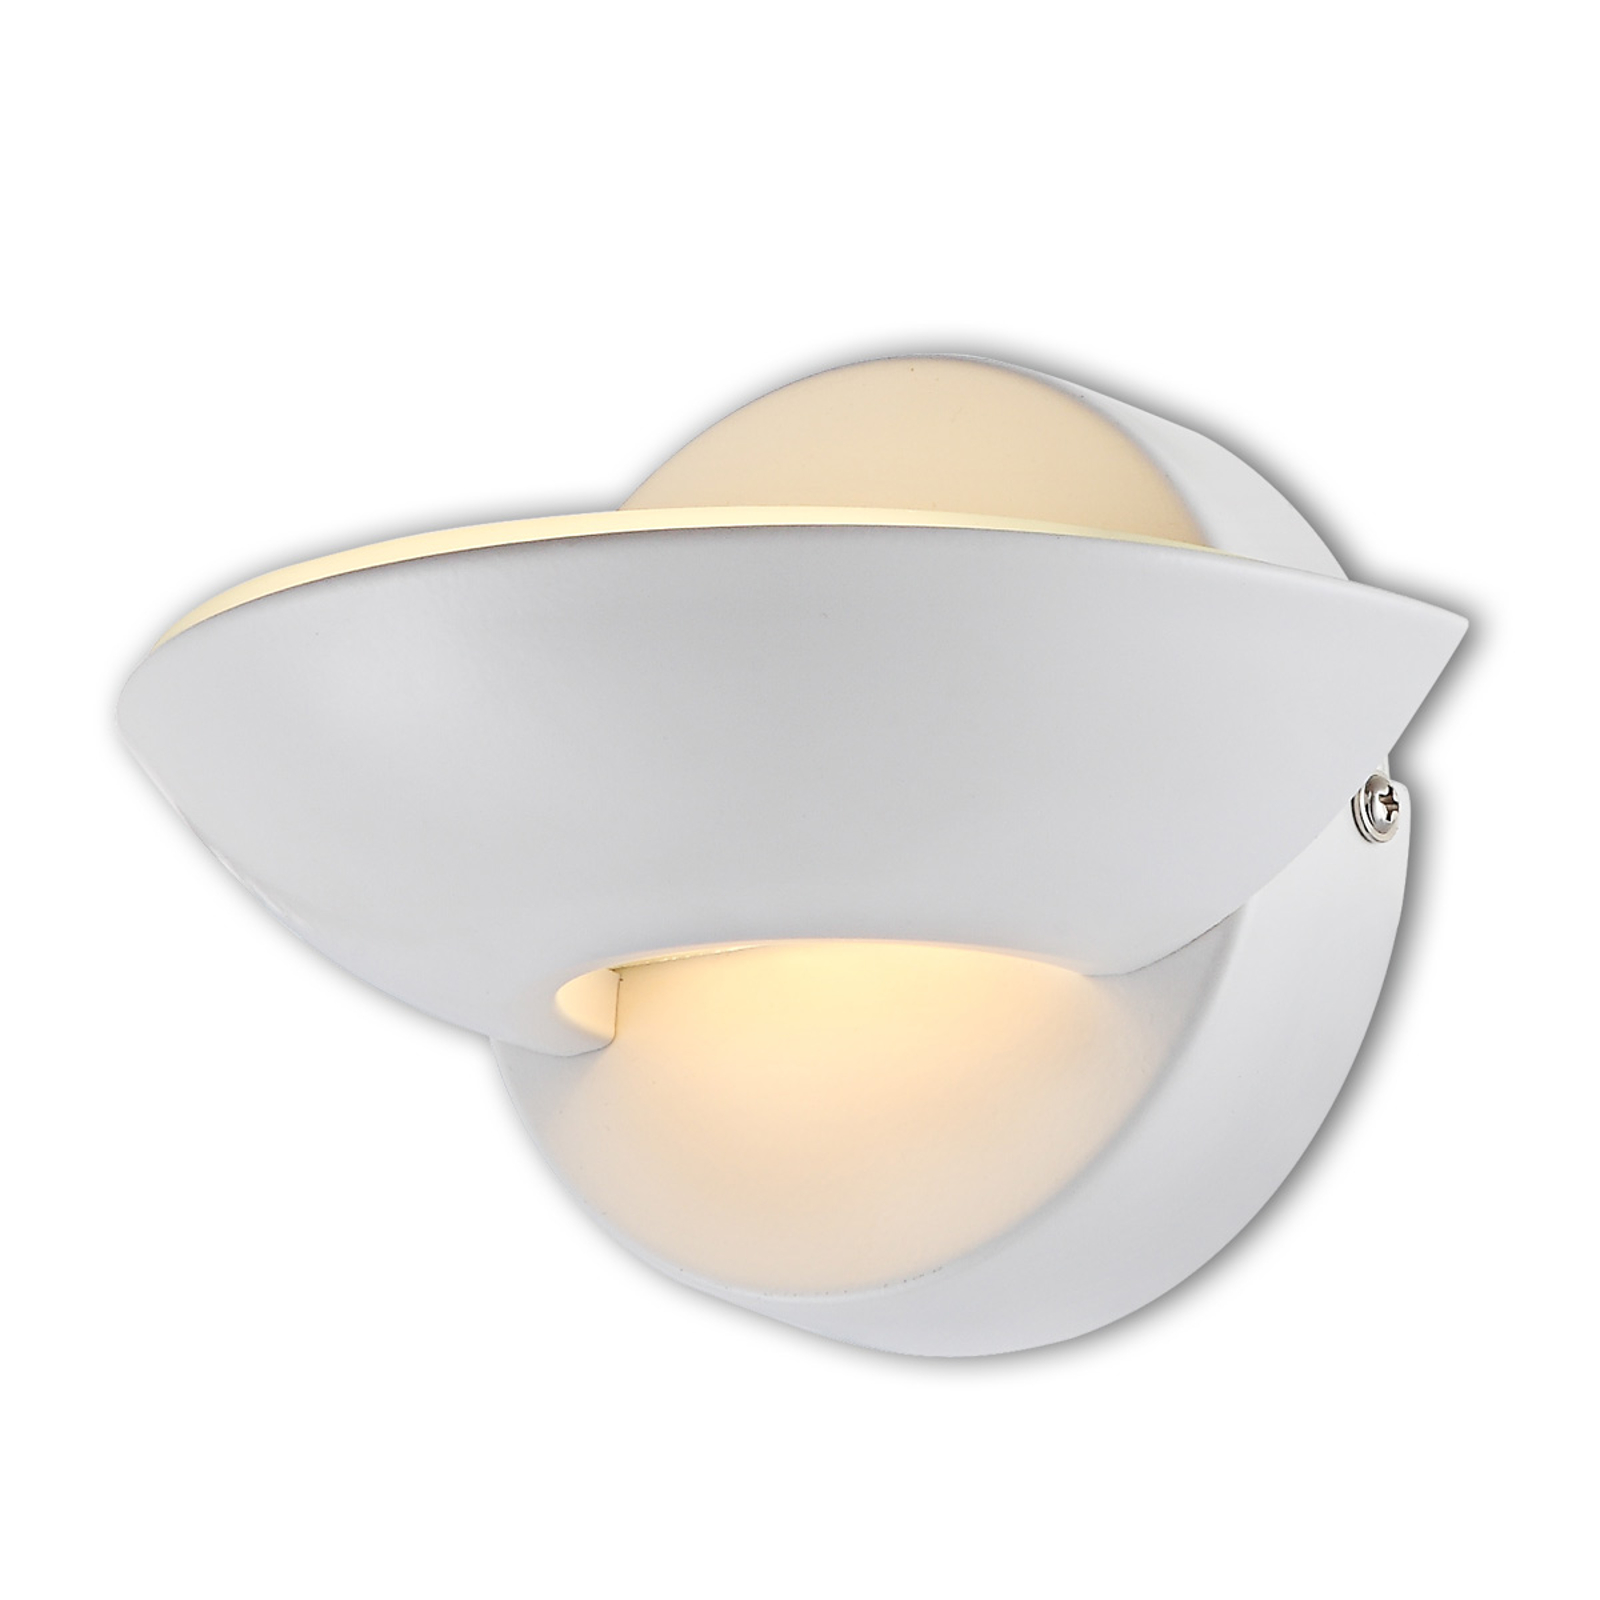 Bílé LED nástěnné svítidlo Cosimo